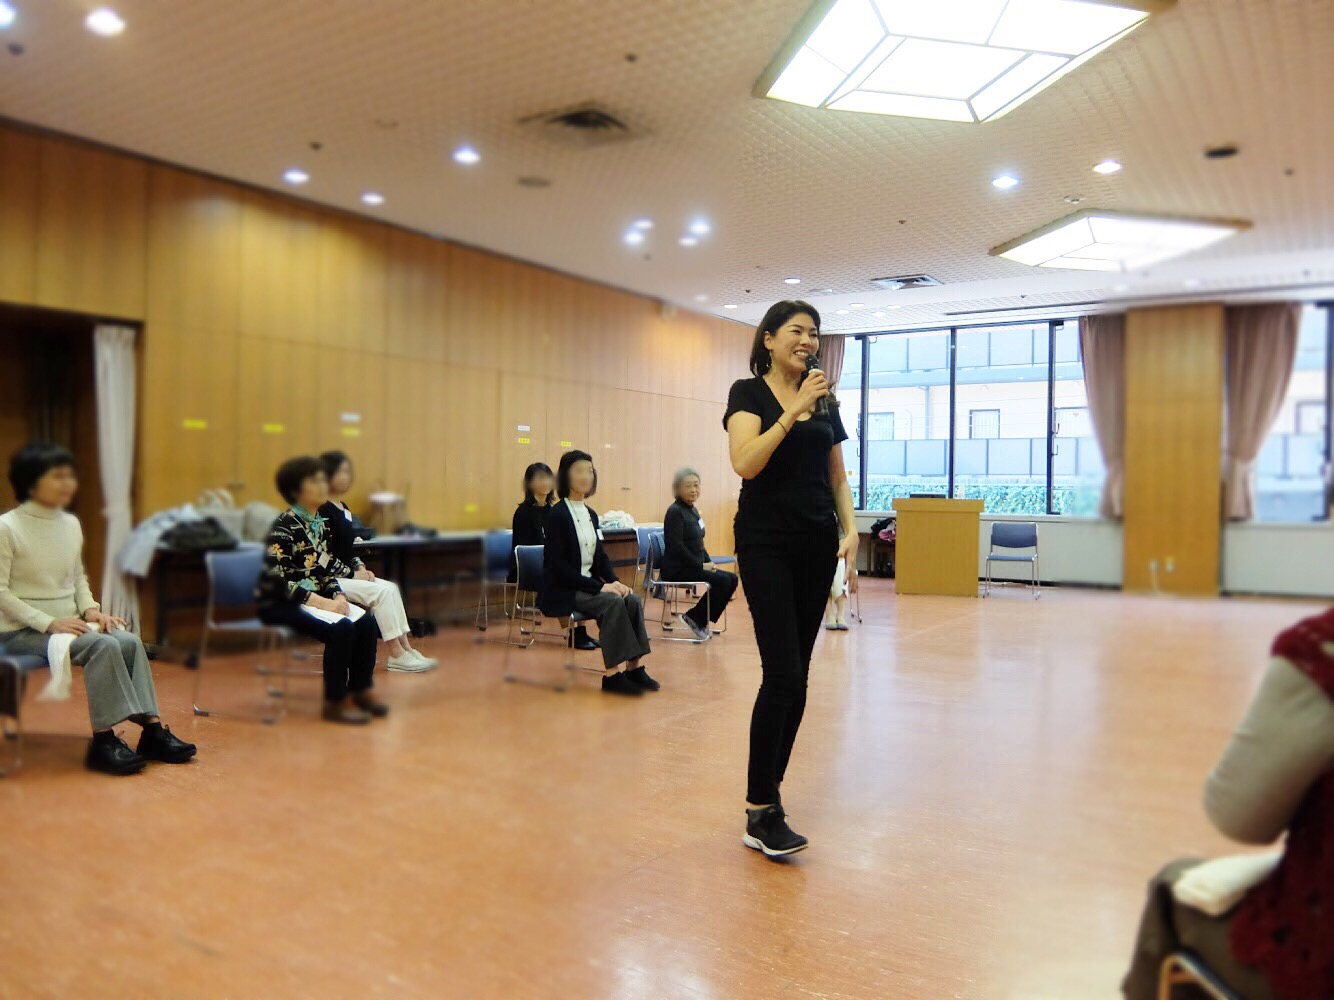 日本女子大学 桜楓会神戸支部の皆さまへのウォーキングイベント